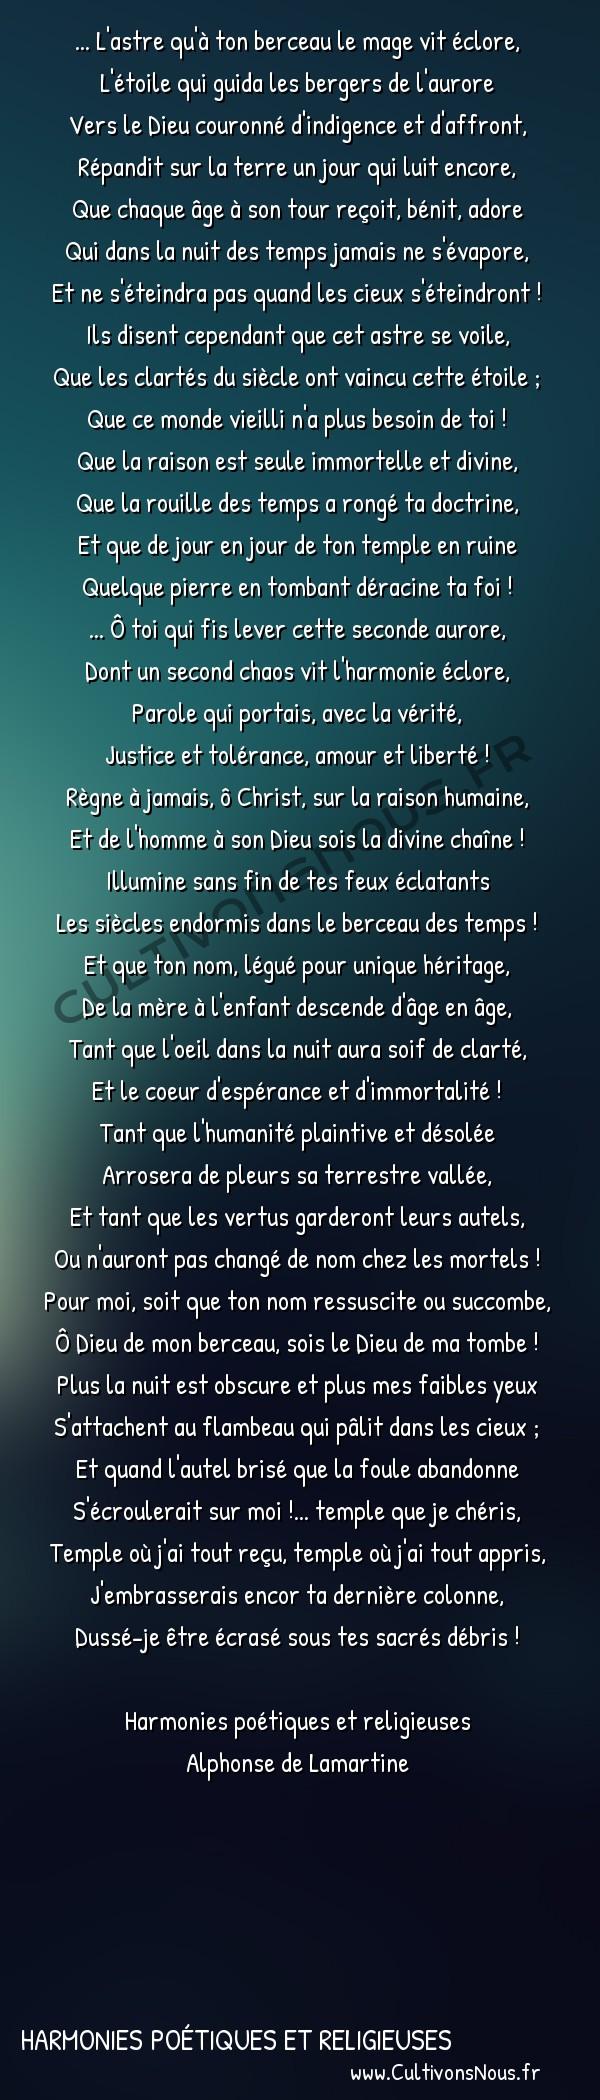 Poésie Alphonse de Lamartine - Harmonies poétiques et religieuses - Hymne au Christ -  ... L'astre qu'à ton berceau le mage vit éclore, L'étoile qui guida les bergers de l'aurore